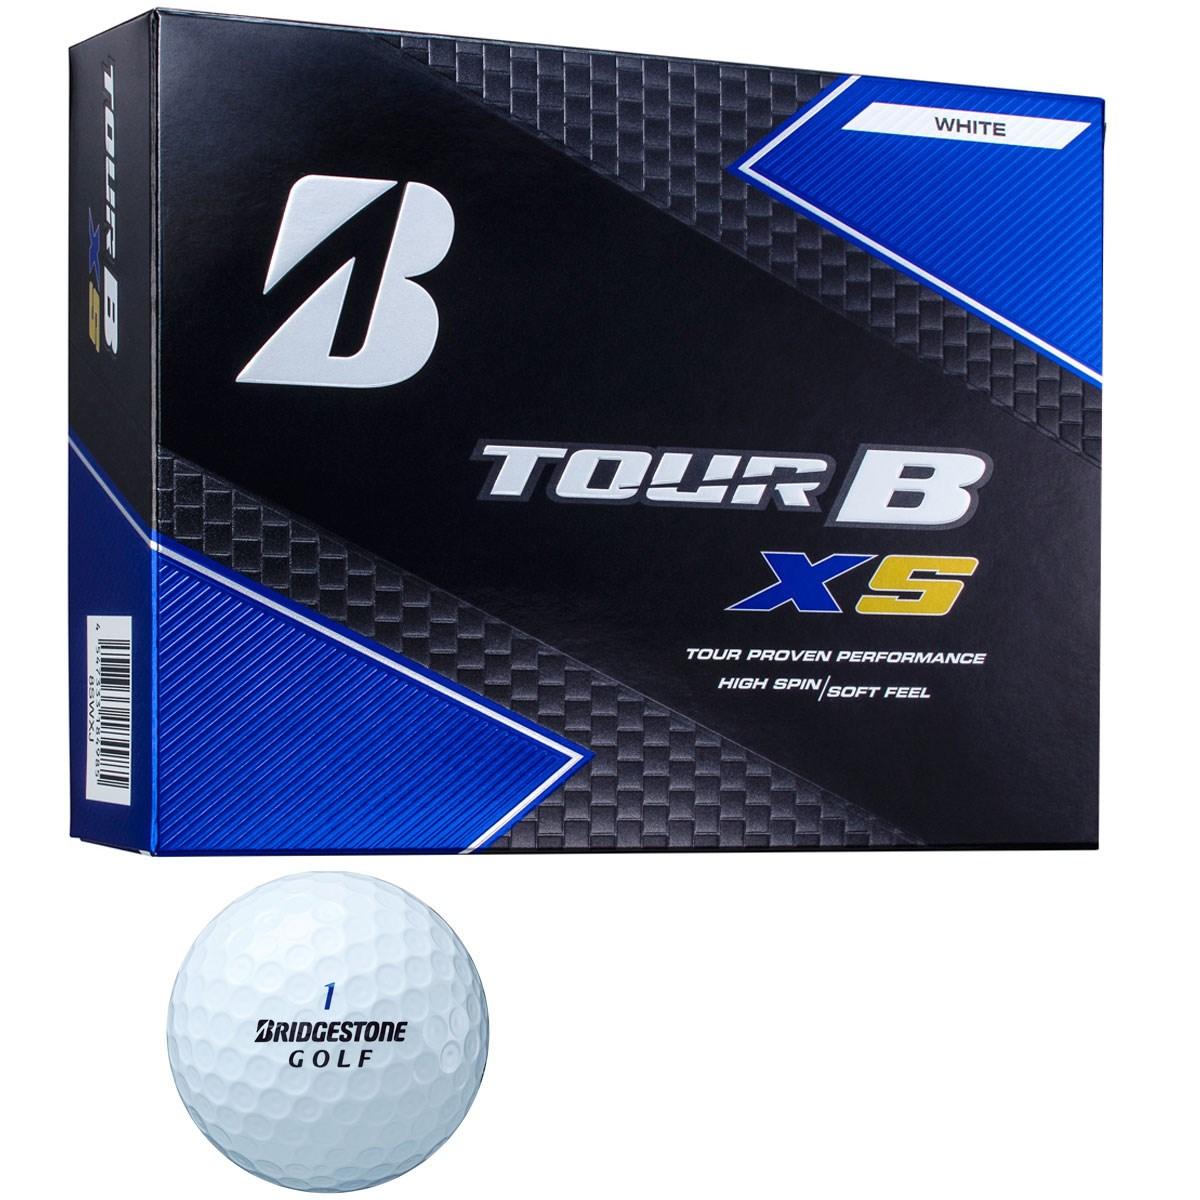 ブリヂストン(BRIDGESTONE GOLF) TOUR B XS BS GOLFロゴ ボール